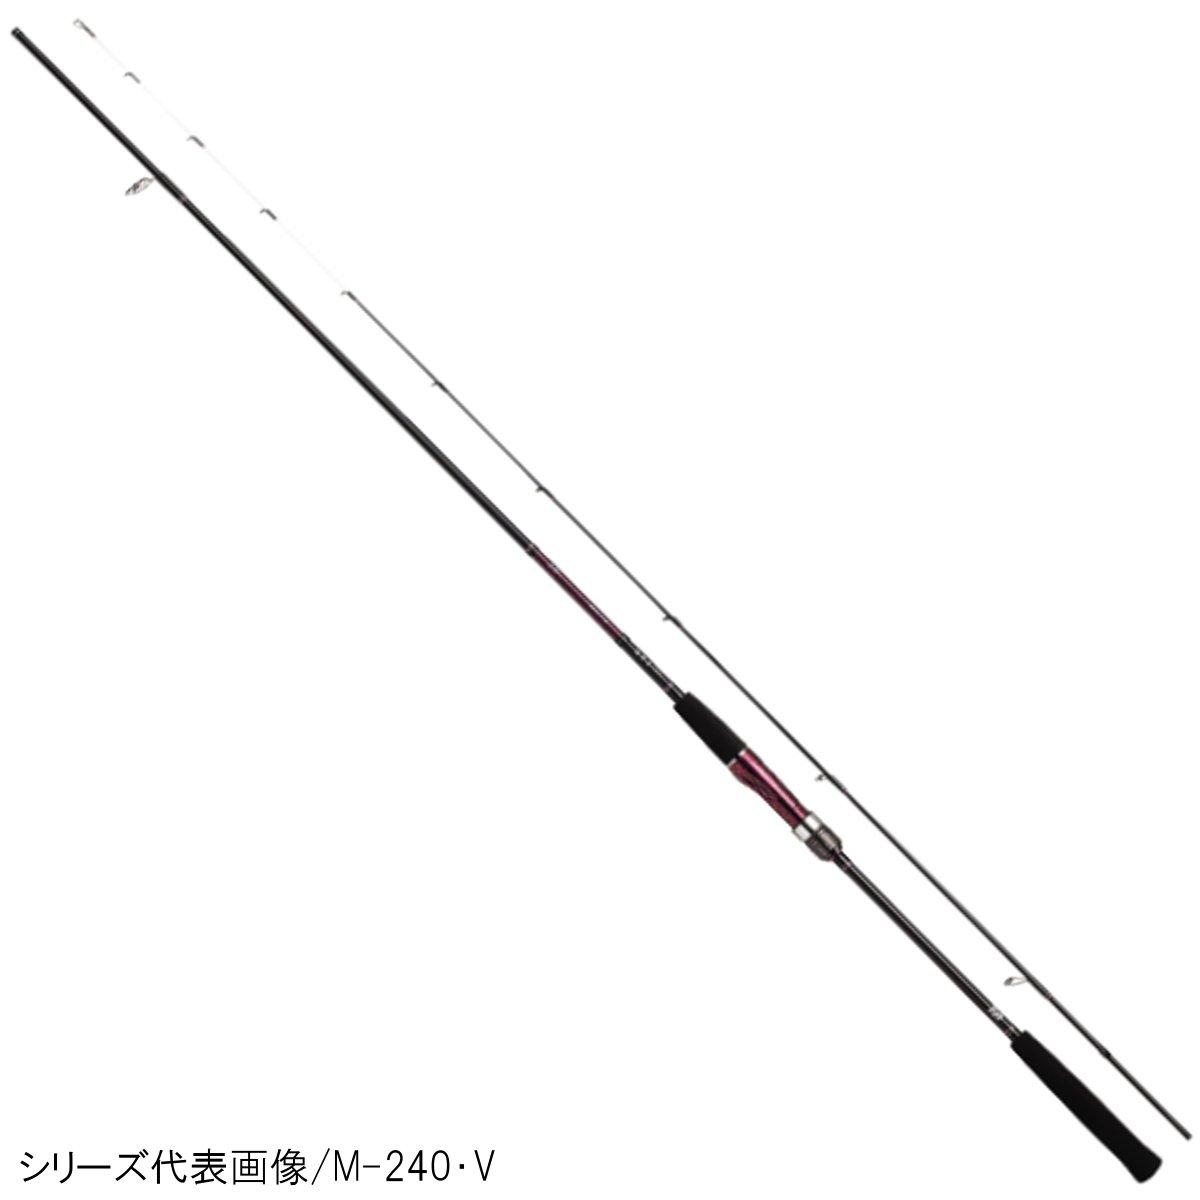 ダイワ 紅牙 テンヤゲーム スピニングモデル H-240・V(東日本店)